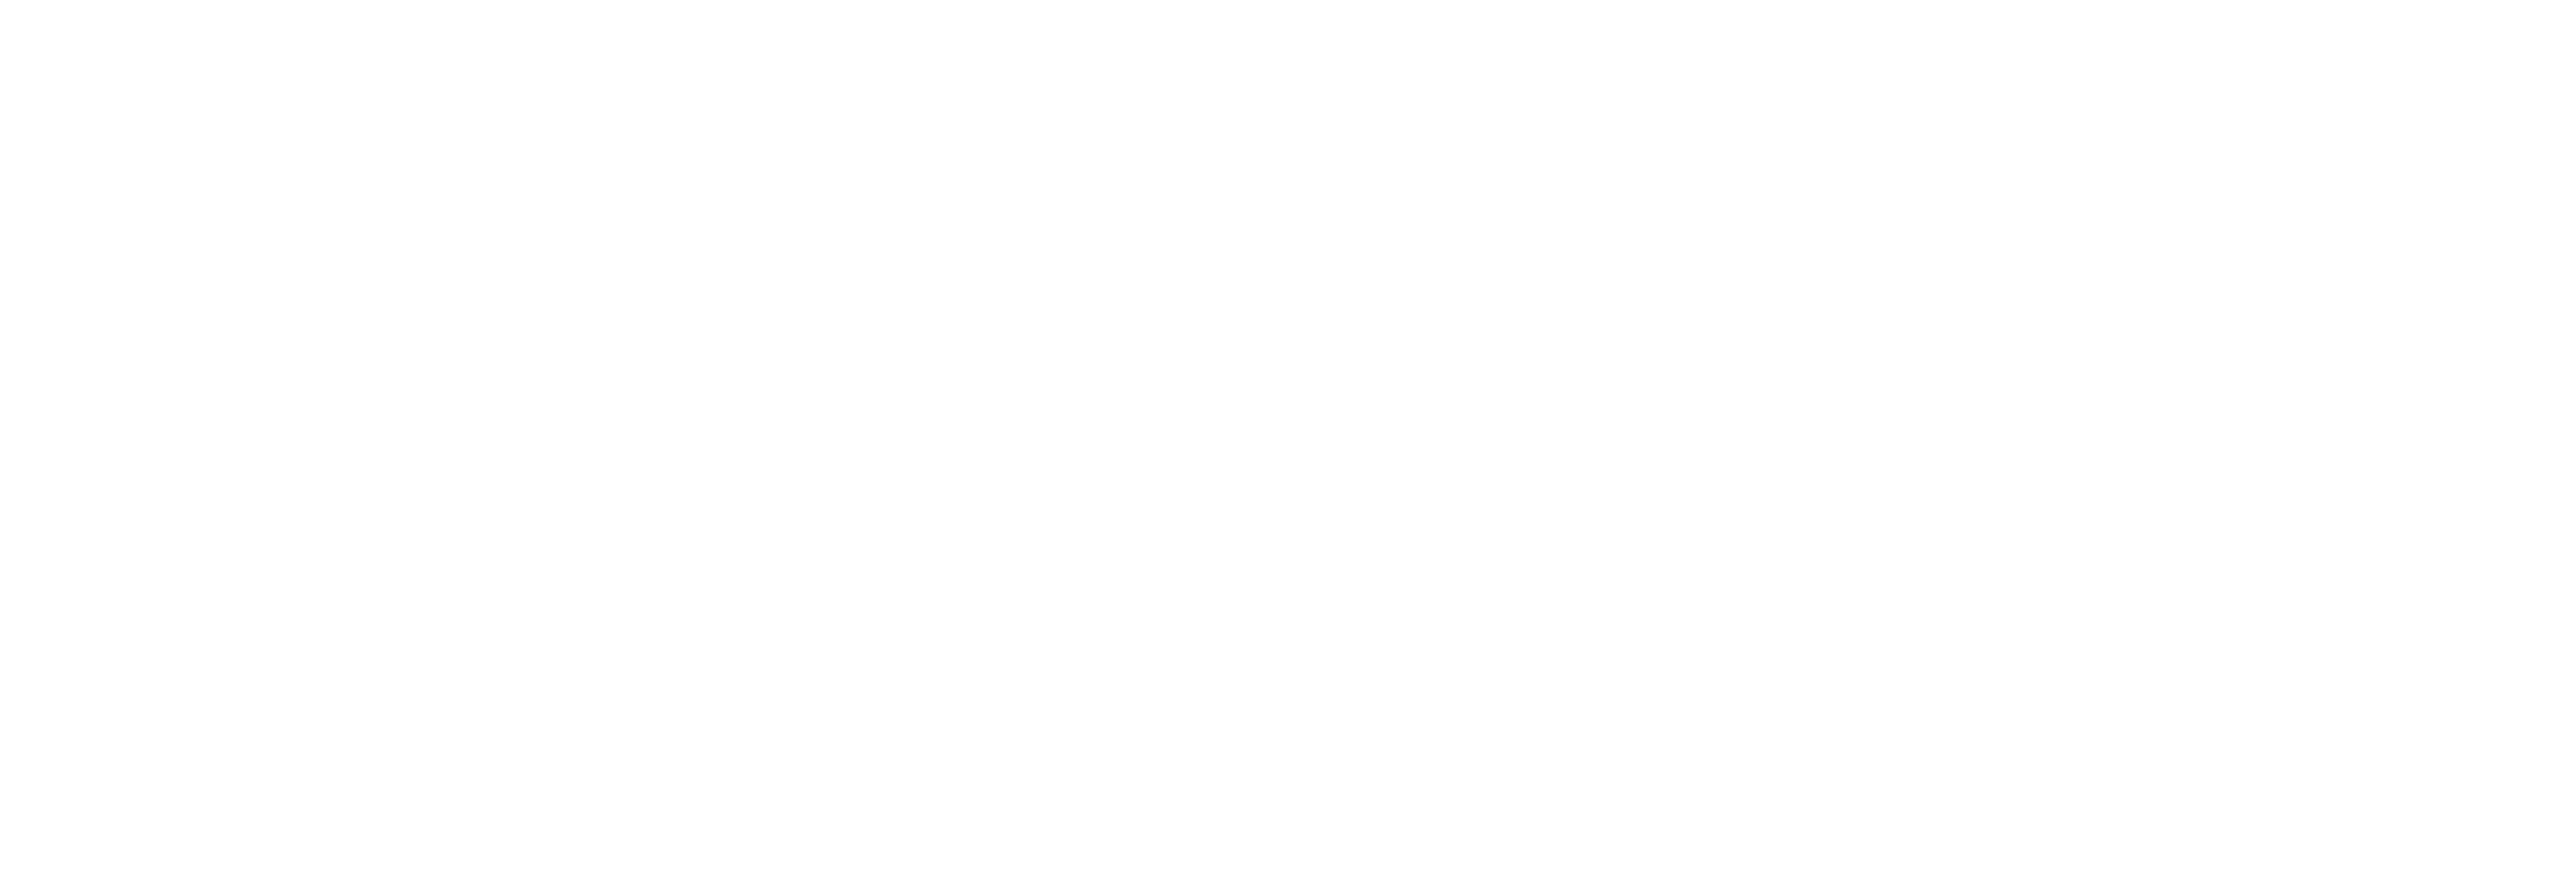 AWesA Business